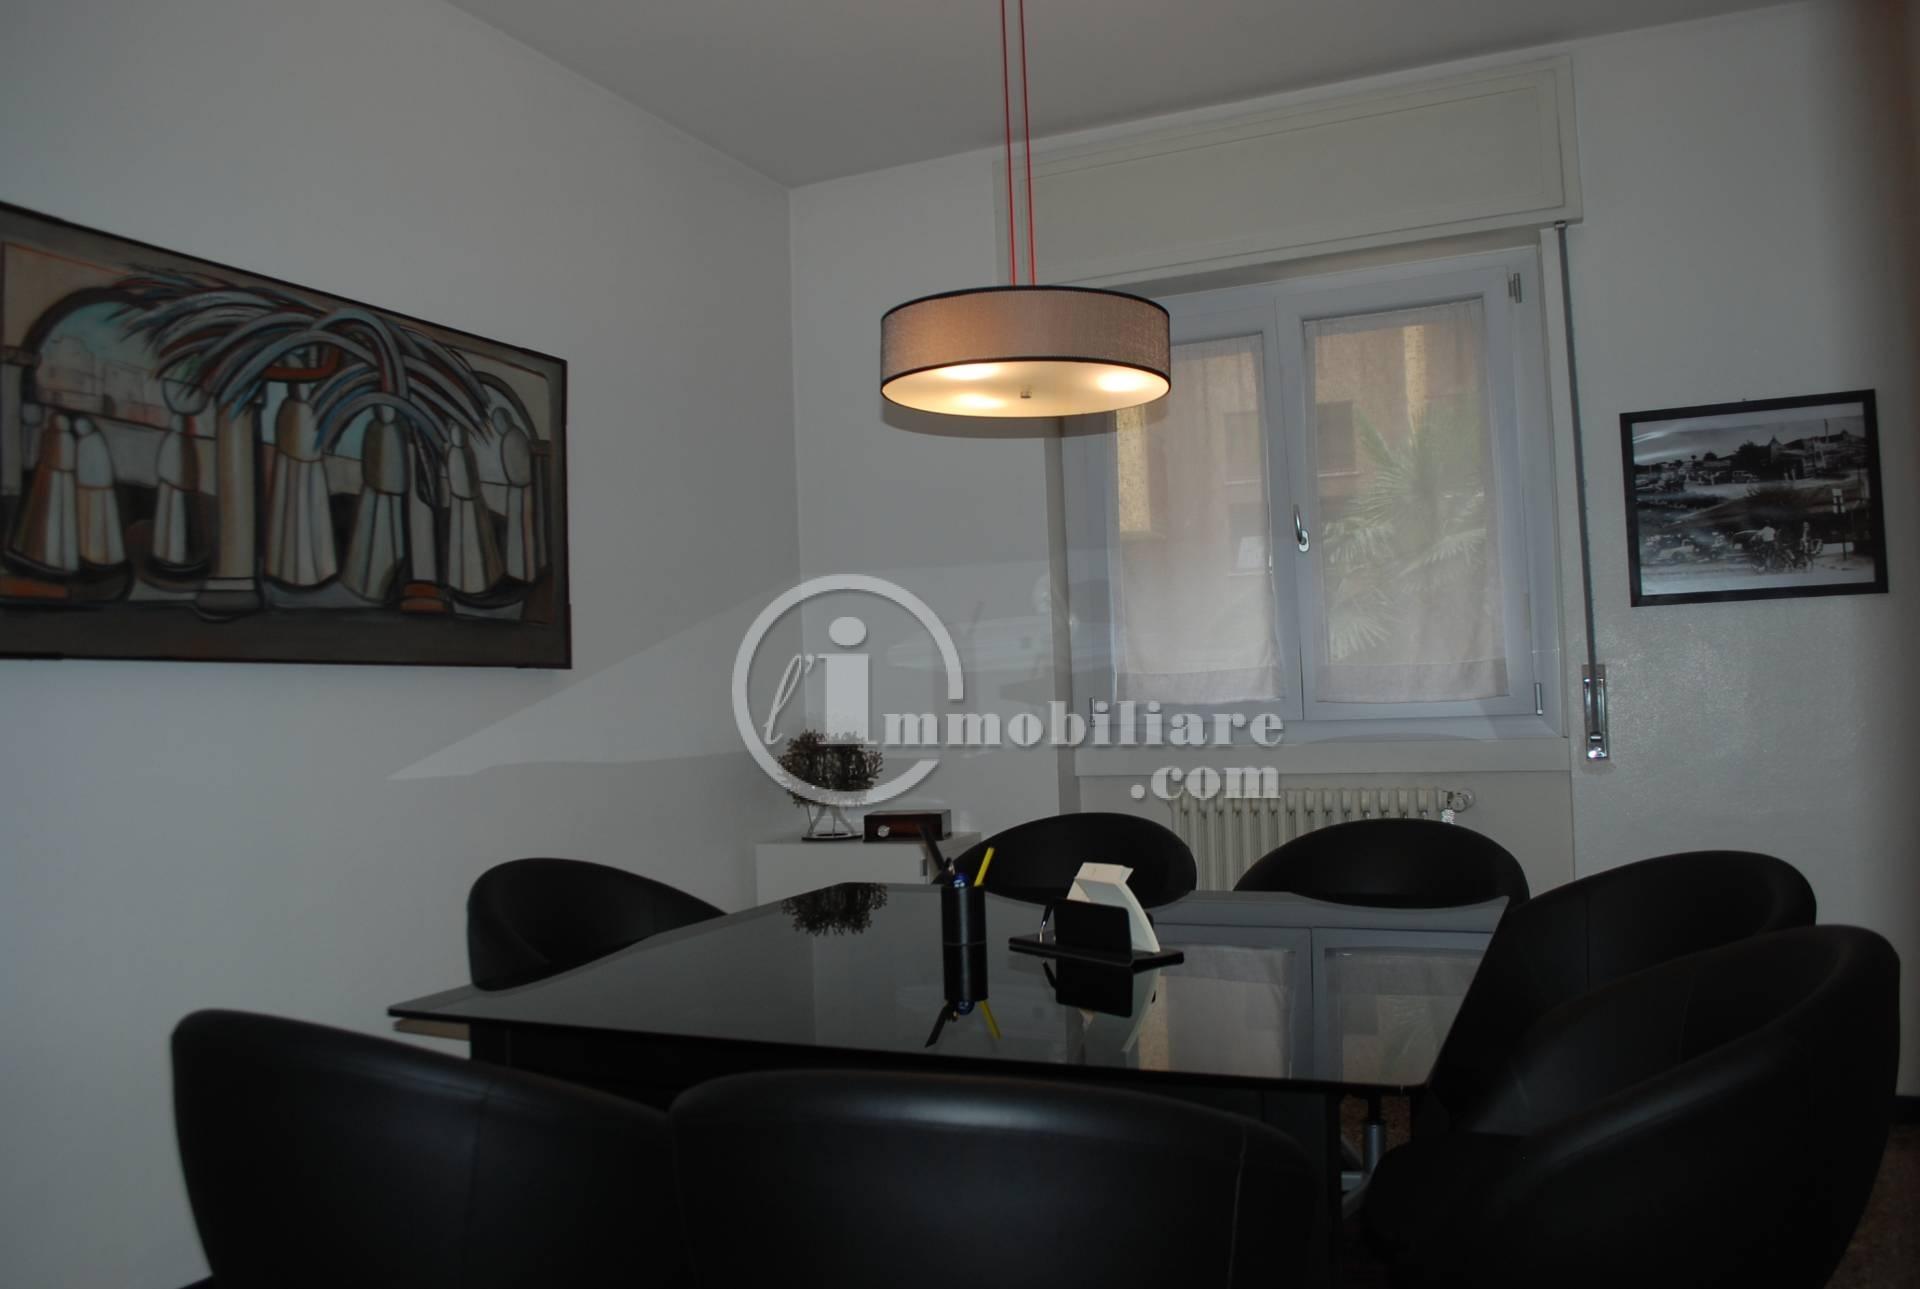 Appartamento in vendita a Corsico in Via Capannina